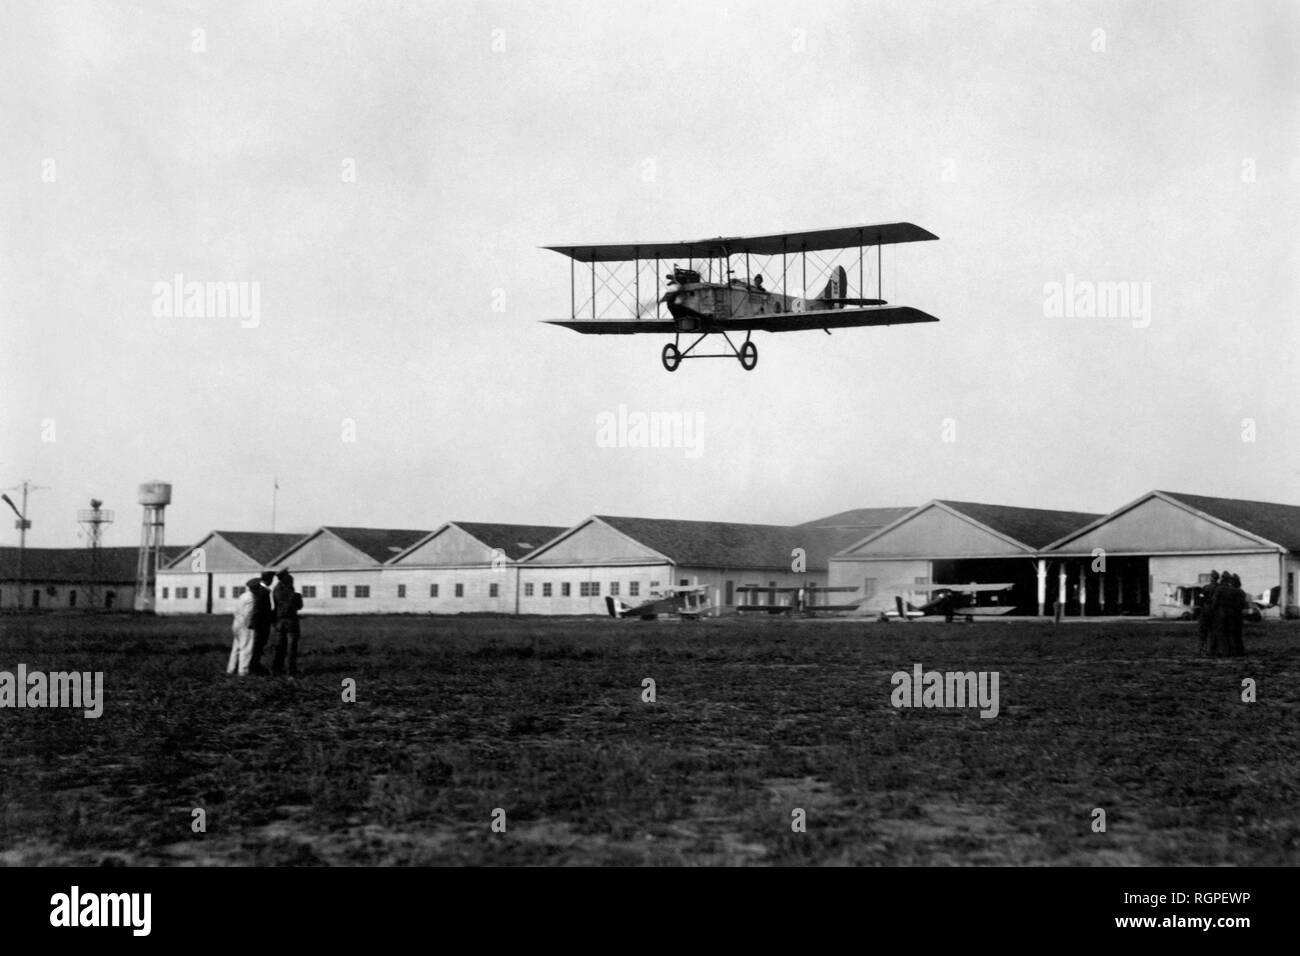 oreste salomone airport, capua 1928 - Stock Image